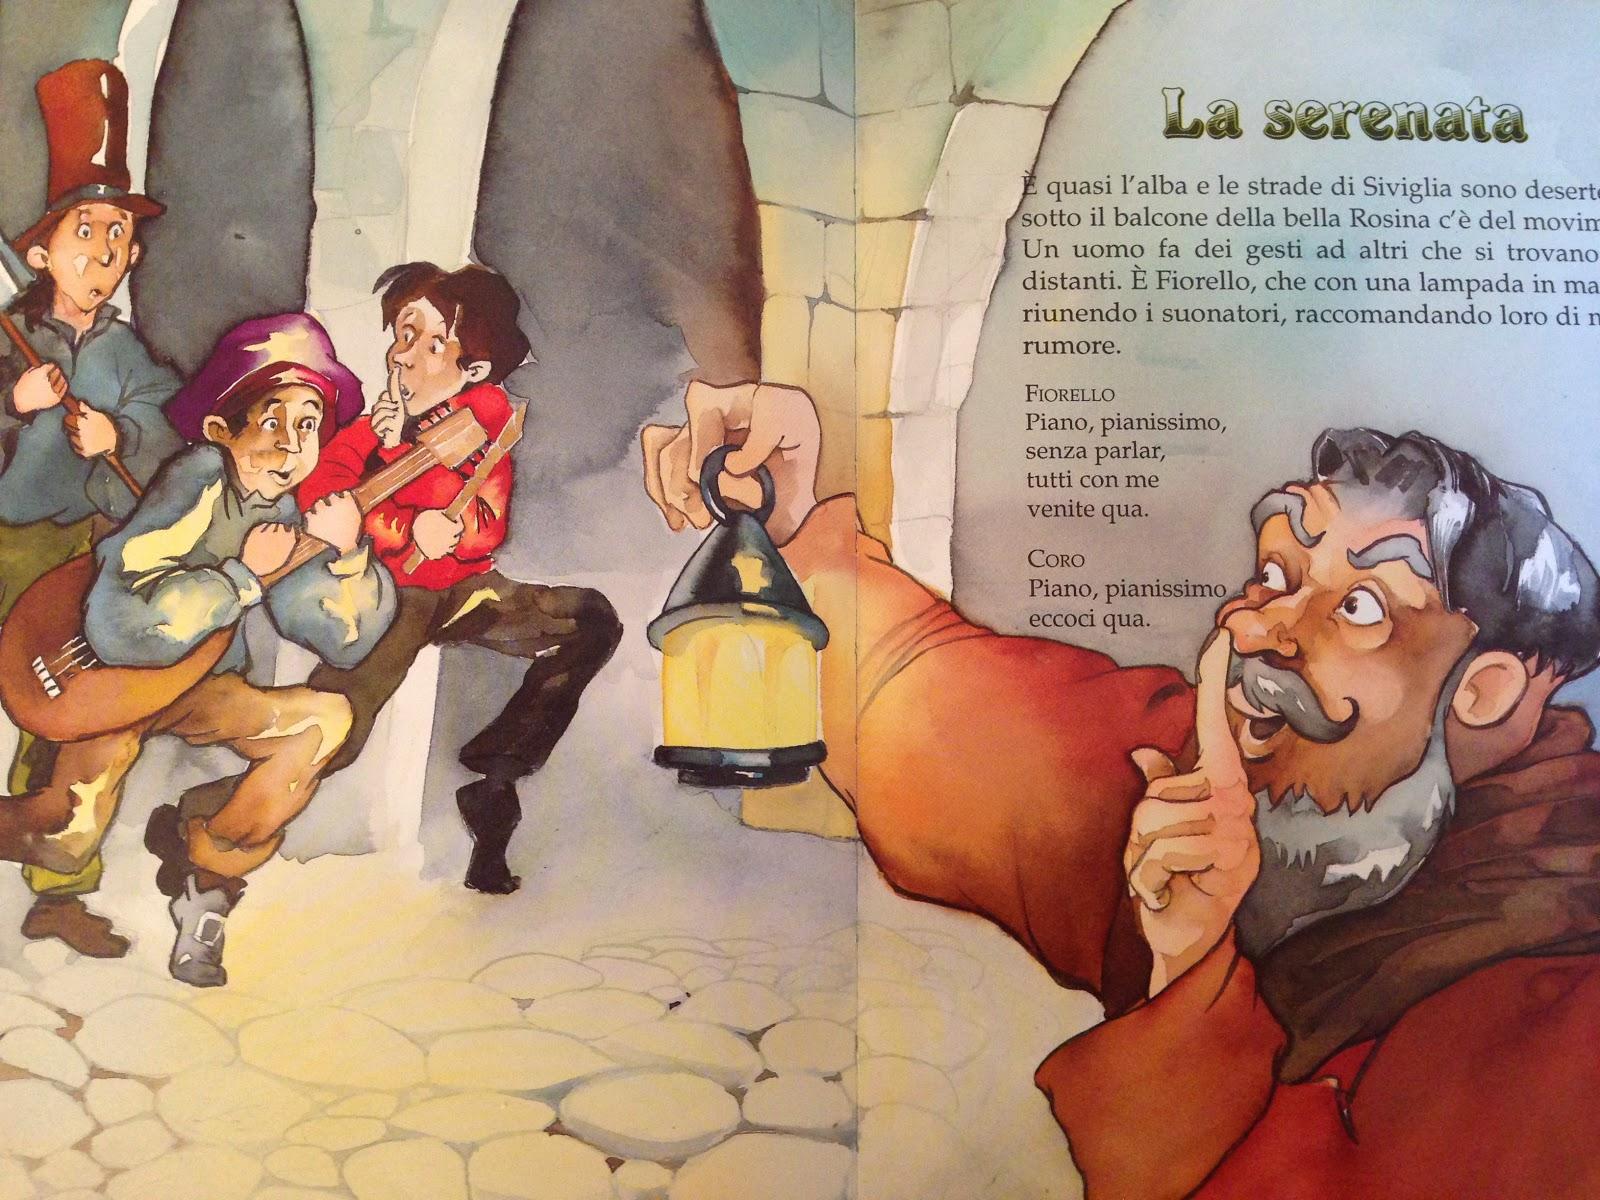 PICCOLI VIAGGI MUSICALI: Il Barbiere di Siviglia (5) - Libro di ...